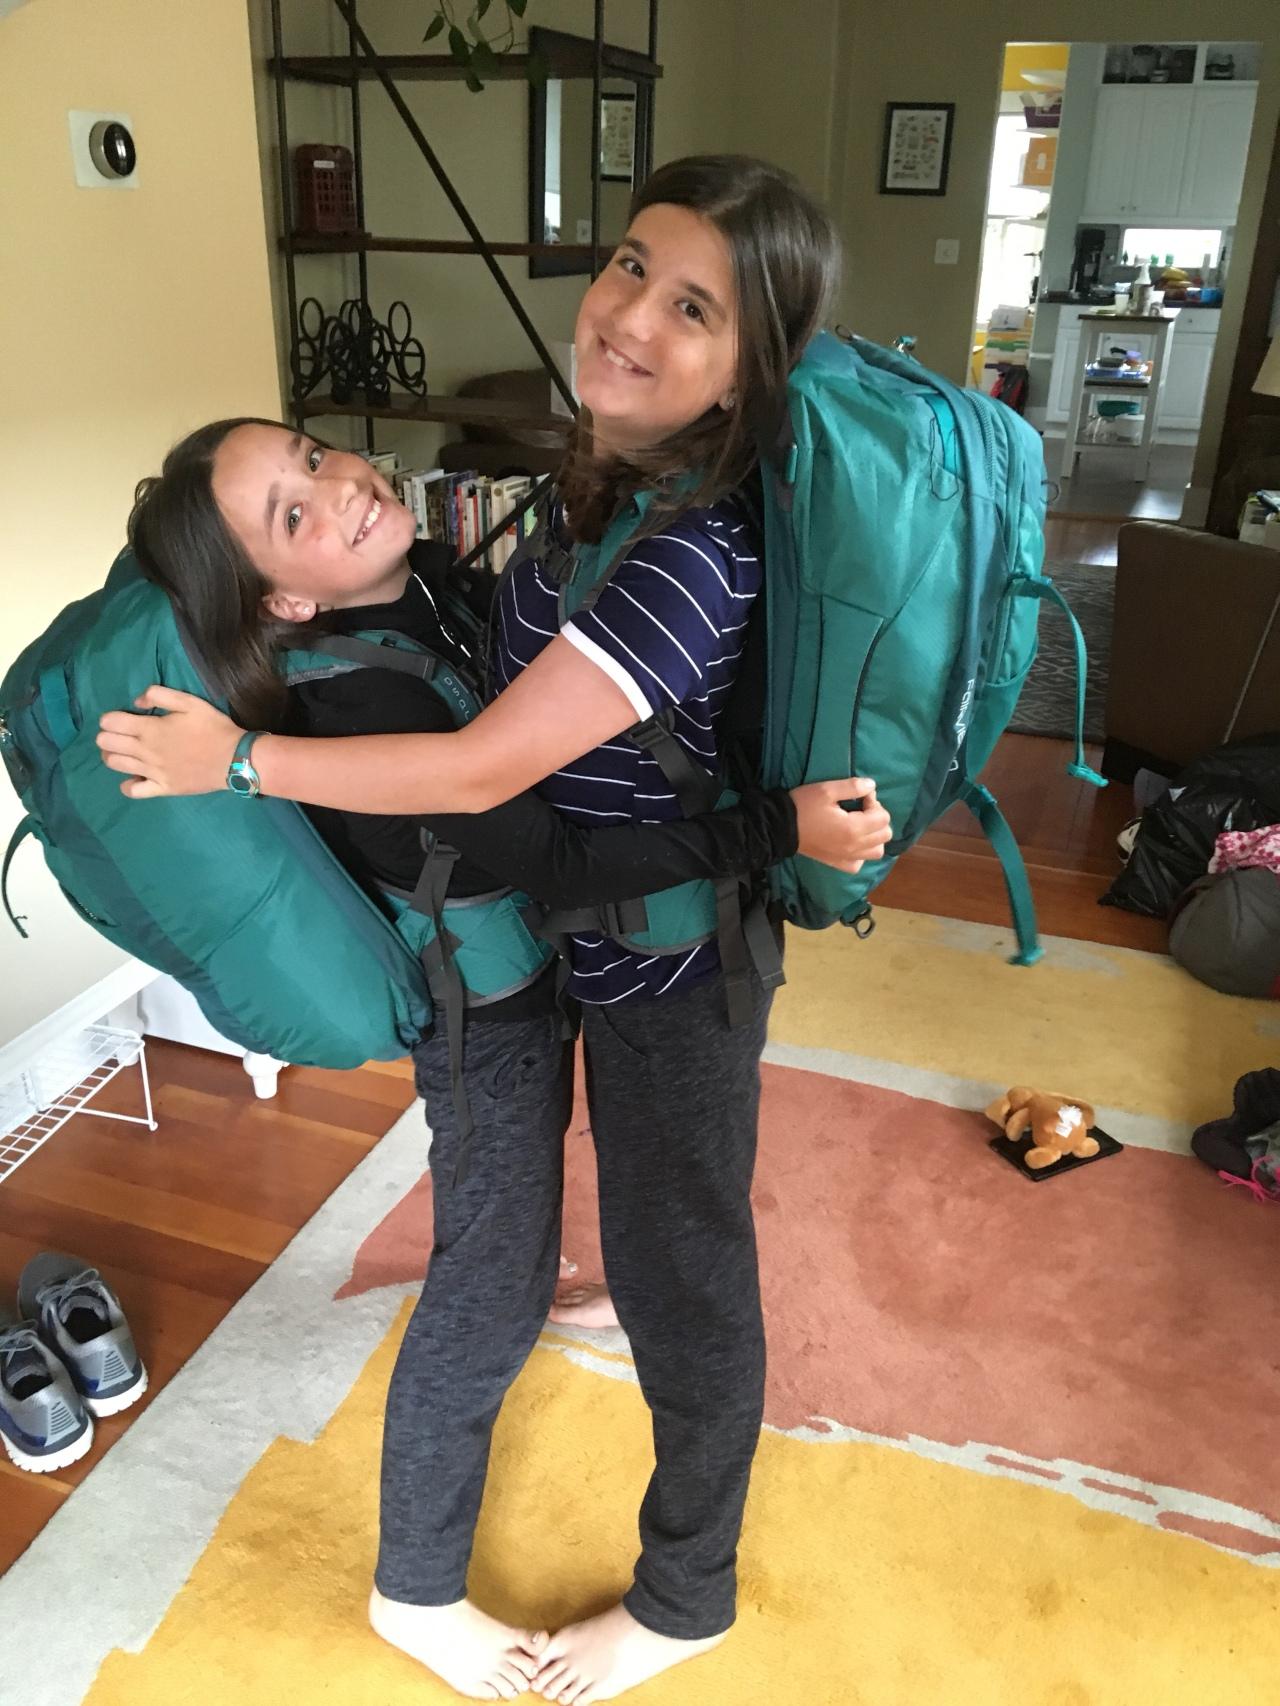 Packing prep begins